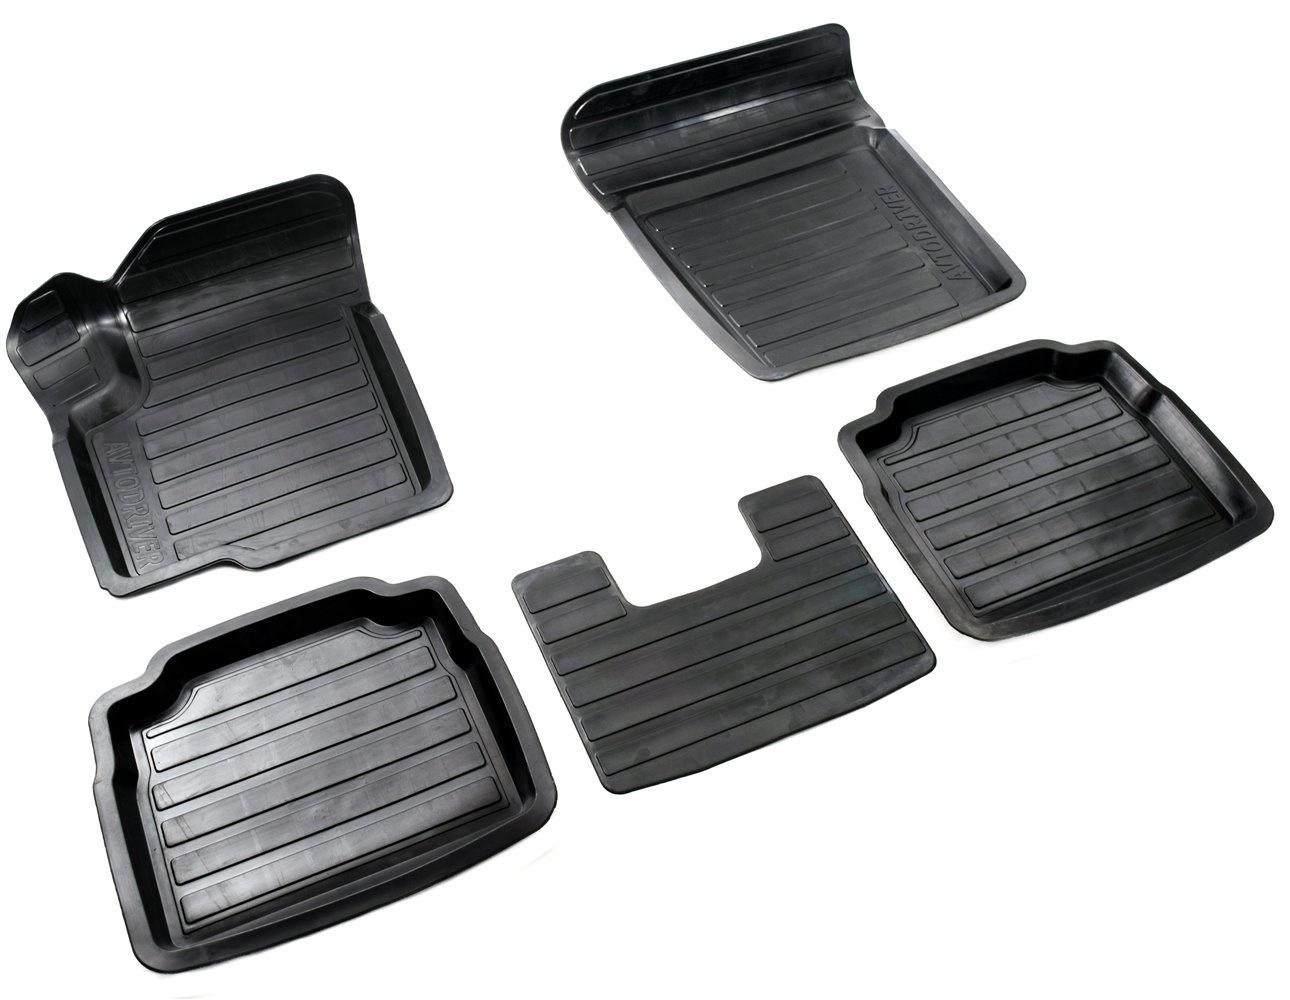 Коврики в салон автомобиля Avtodriver, для Suzuki sx 4, 2013-, ADRAVG106, резиновые, с бортиком, черный цены